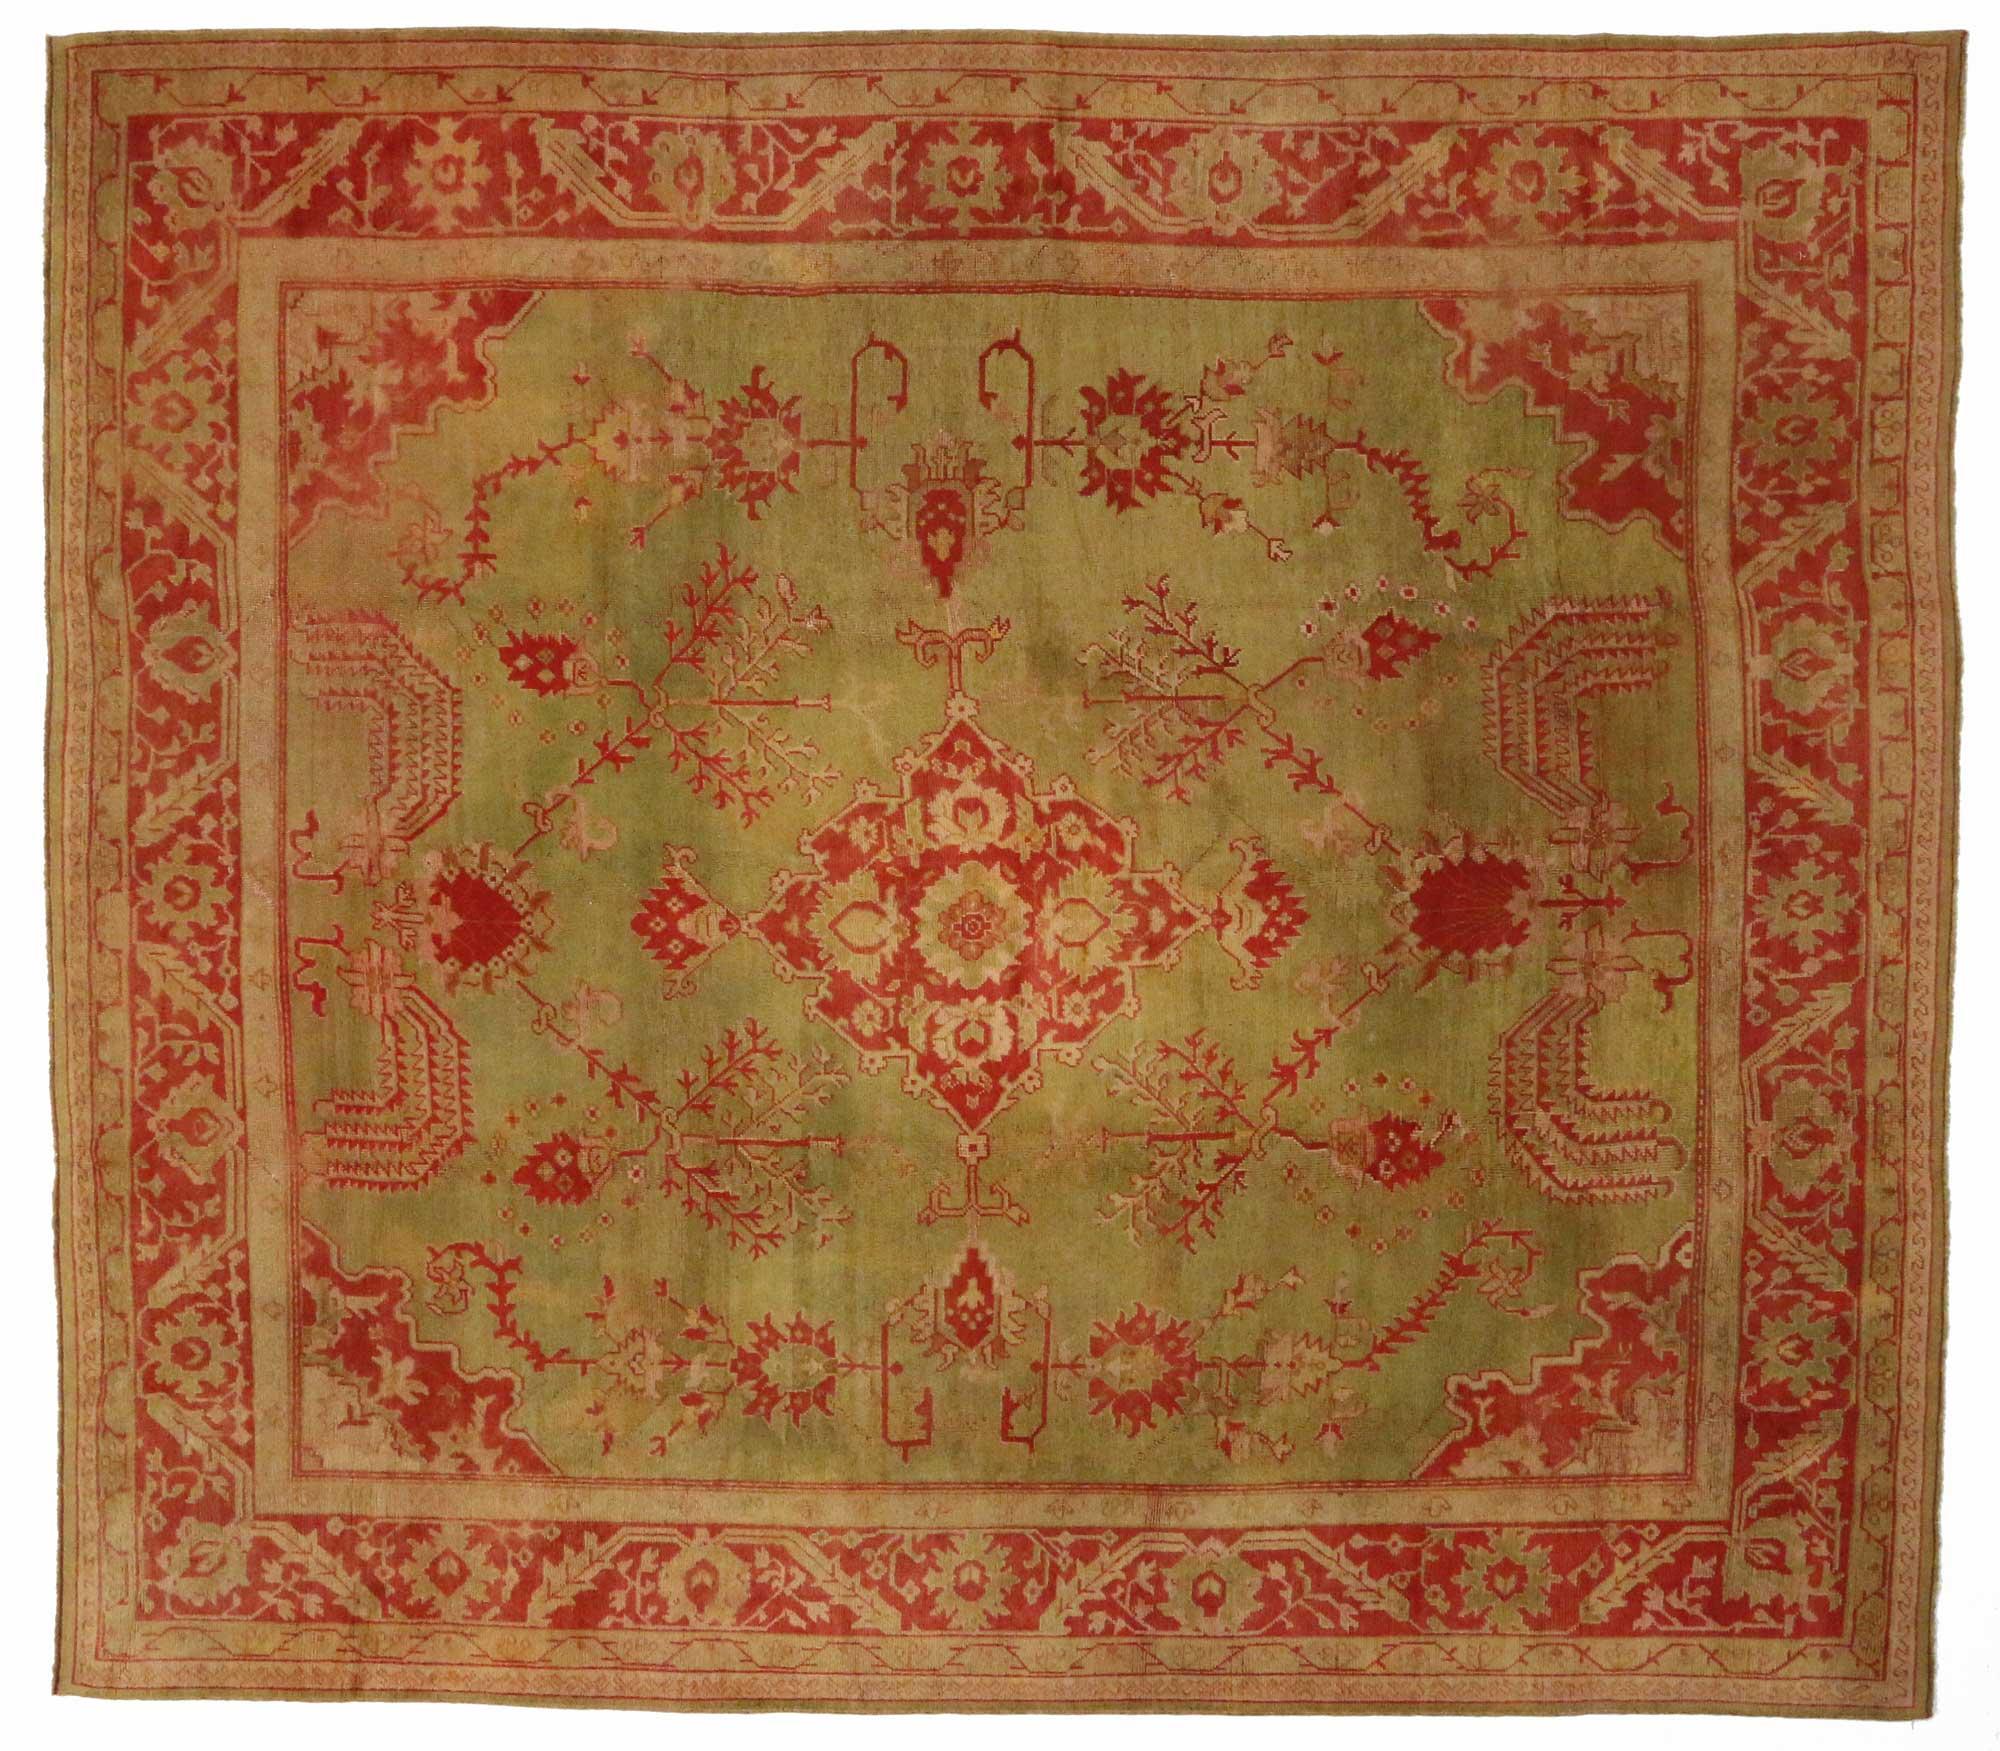 14 X 16 Antique Oushak Rug 74173